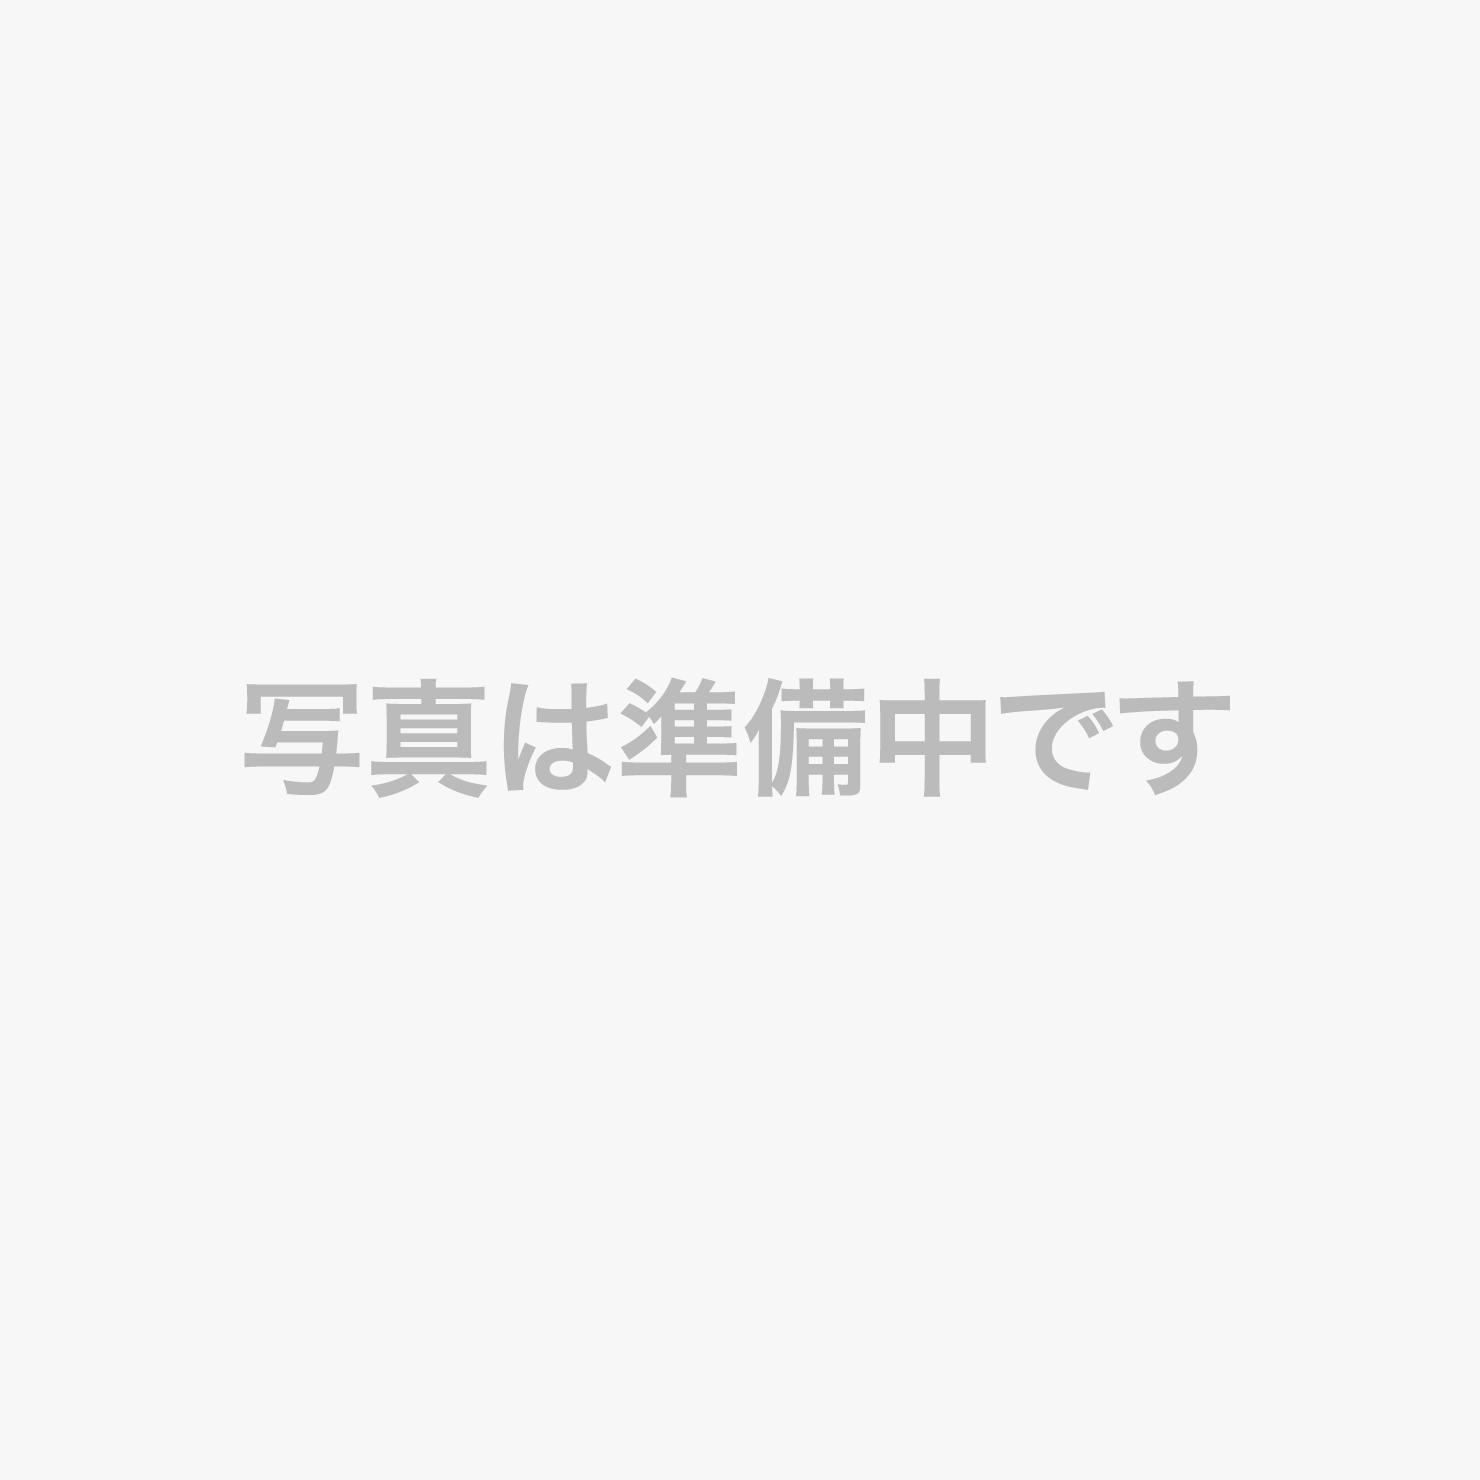 和食・洋食の御惣菜は日替わりでご用意しております。